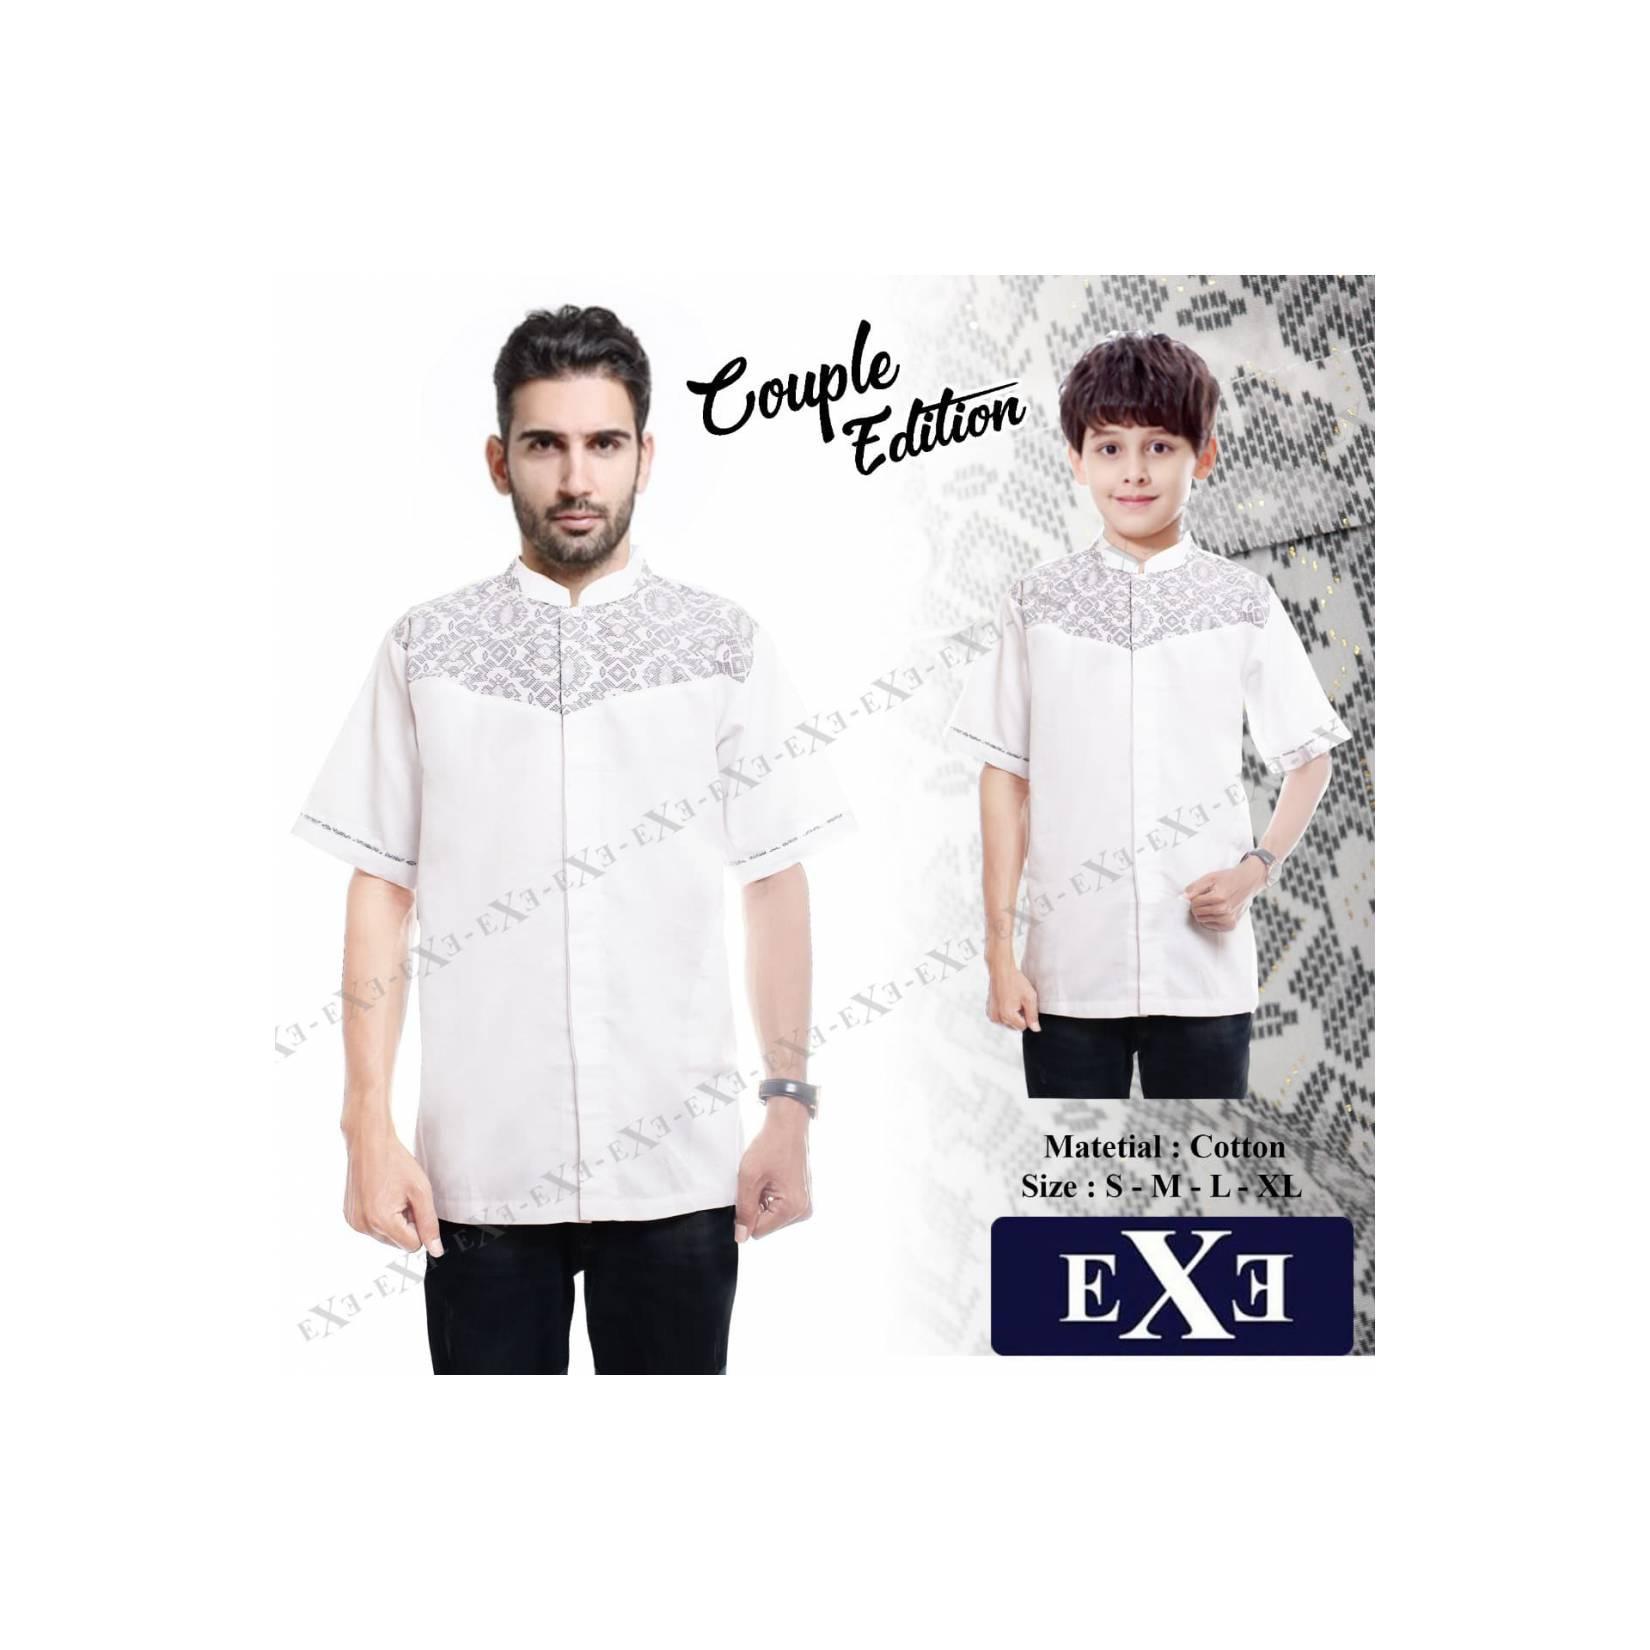 Kemeja / Baju Koko Muslim Couple Ayah Anak eXe - Putih Kombinasi Batik - Putih